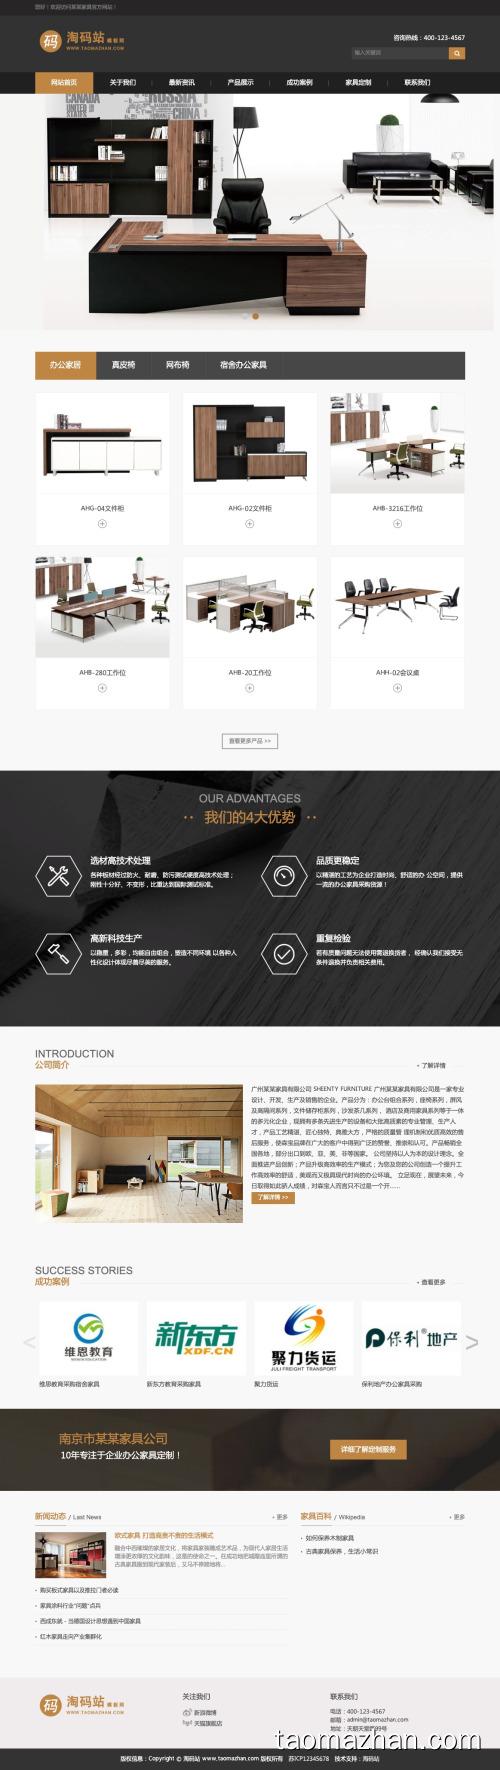 pc+手机大气古典家具家居类展示网站织梦模板dedecms模板 棕色家具装饰类网站源码下载